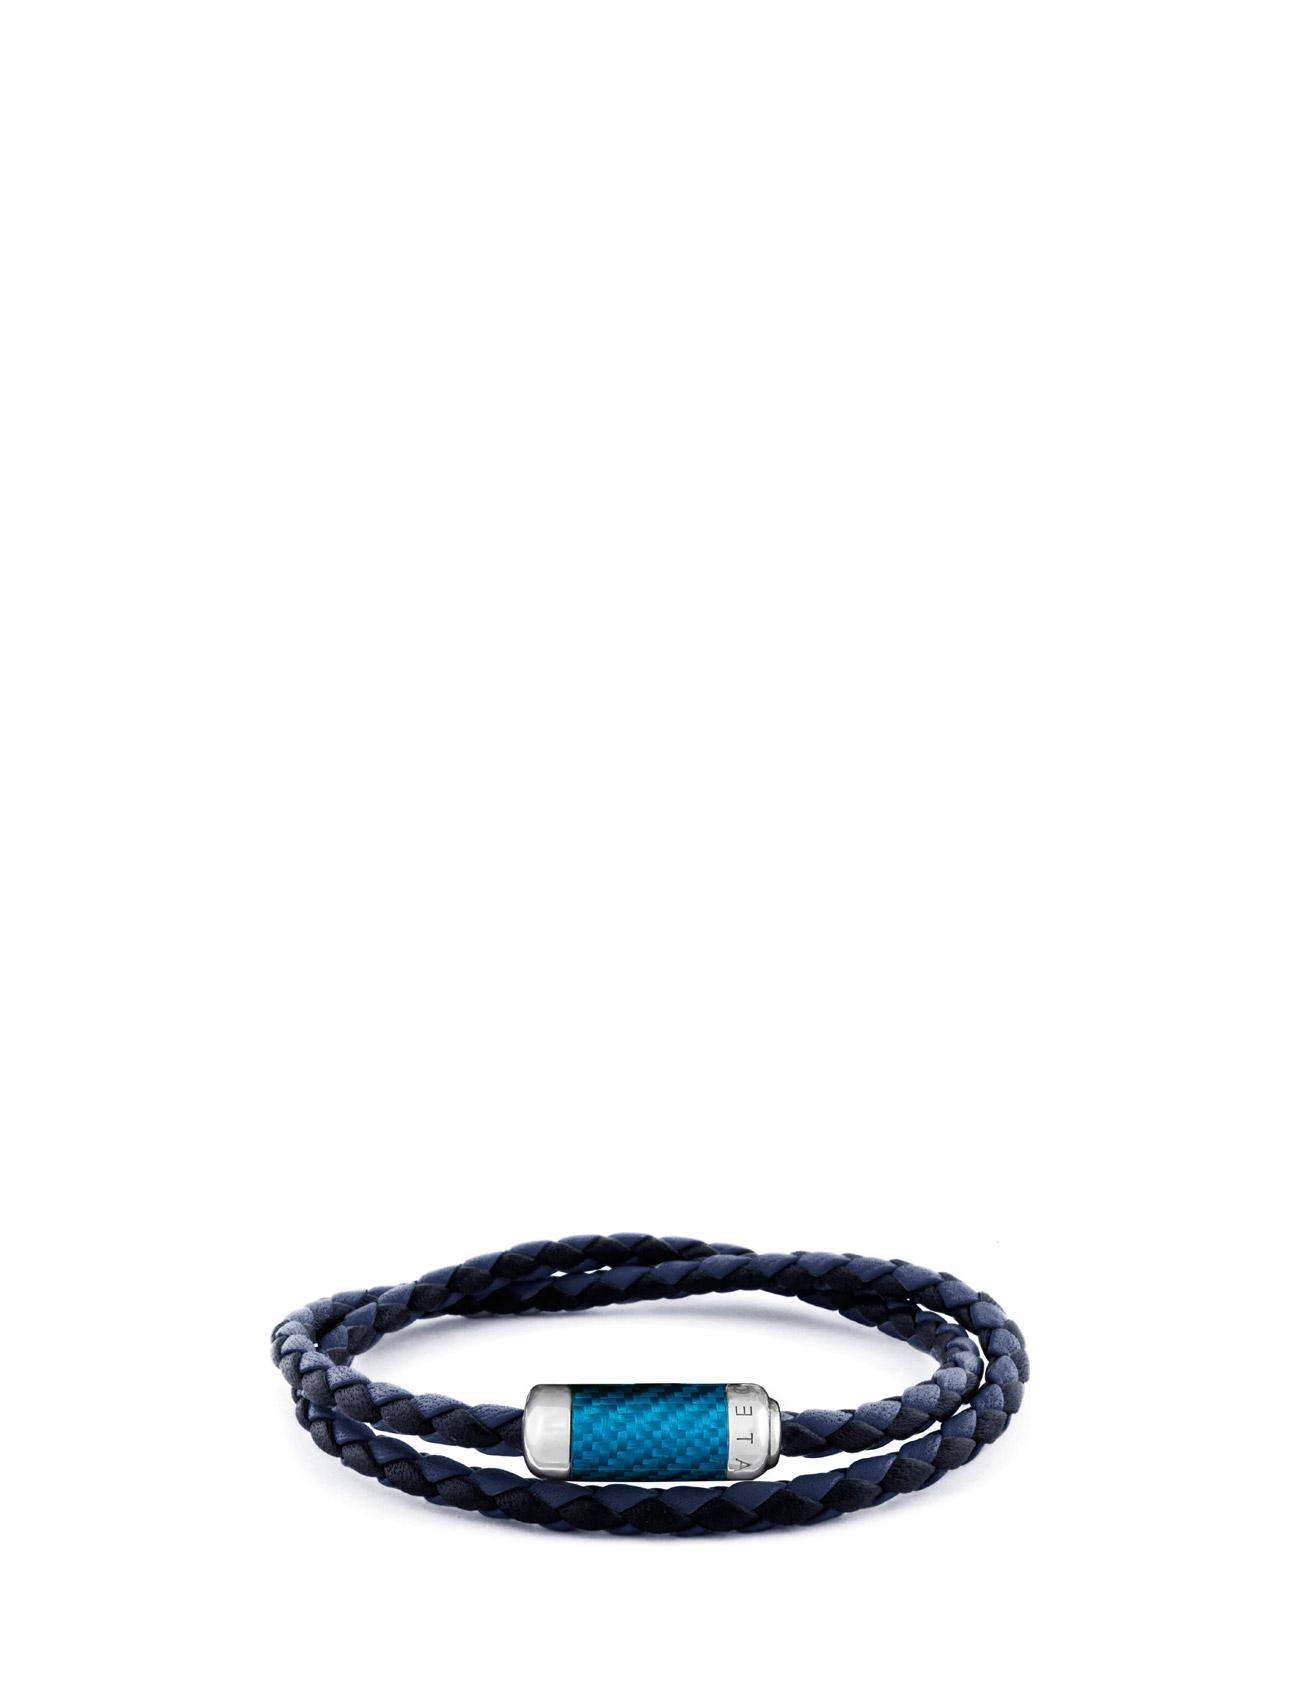 Tateossian montecarlo bracelet fra tateossian på boozt.com dk